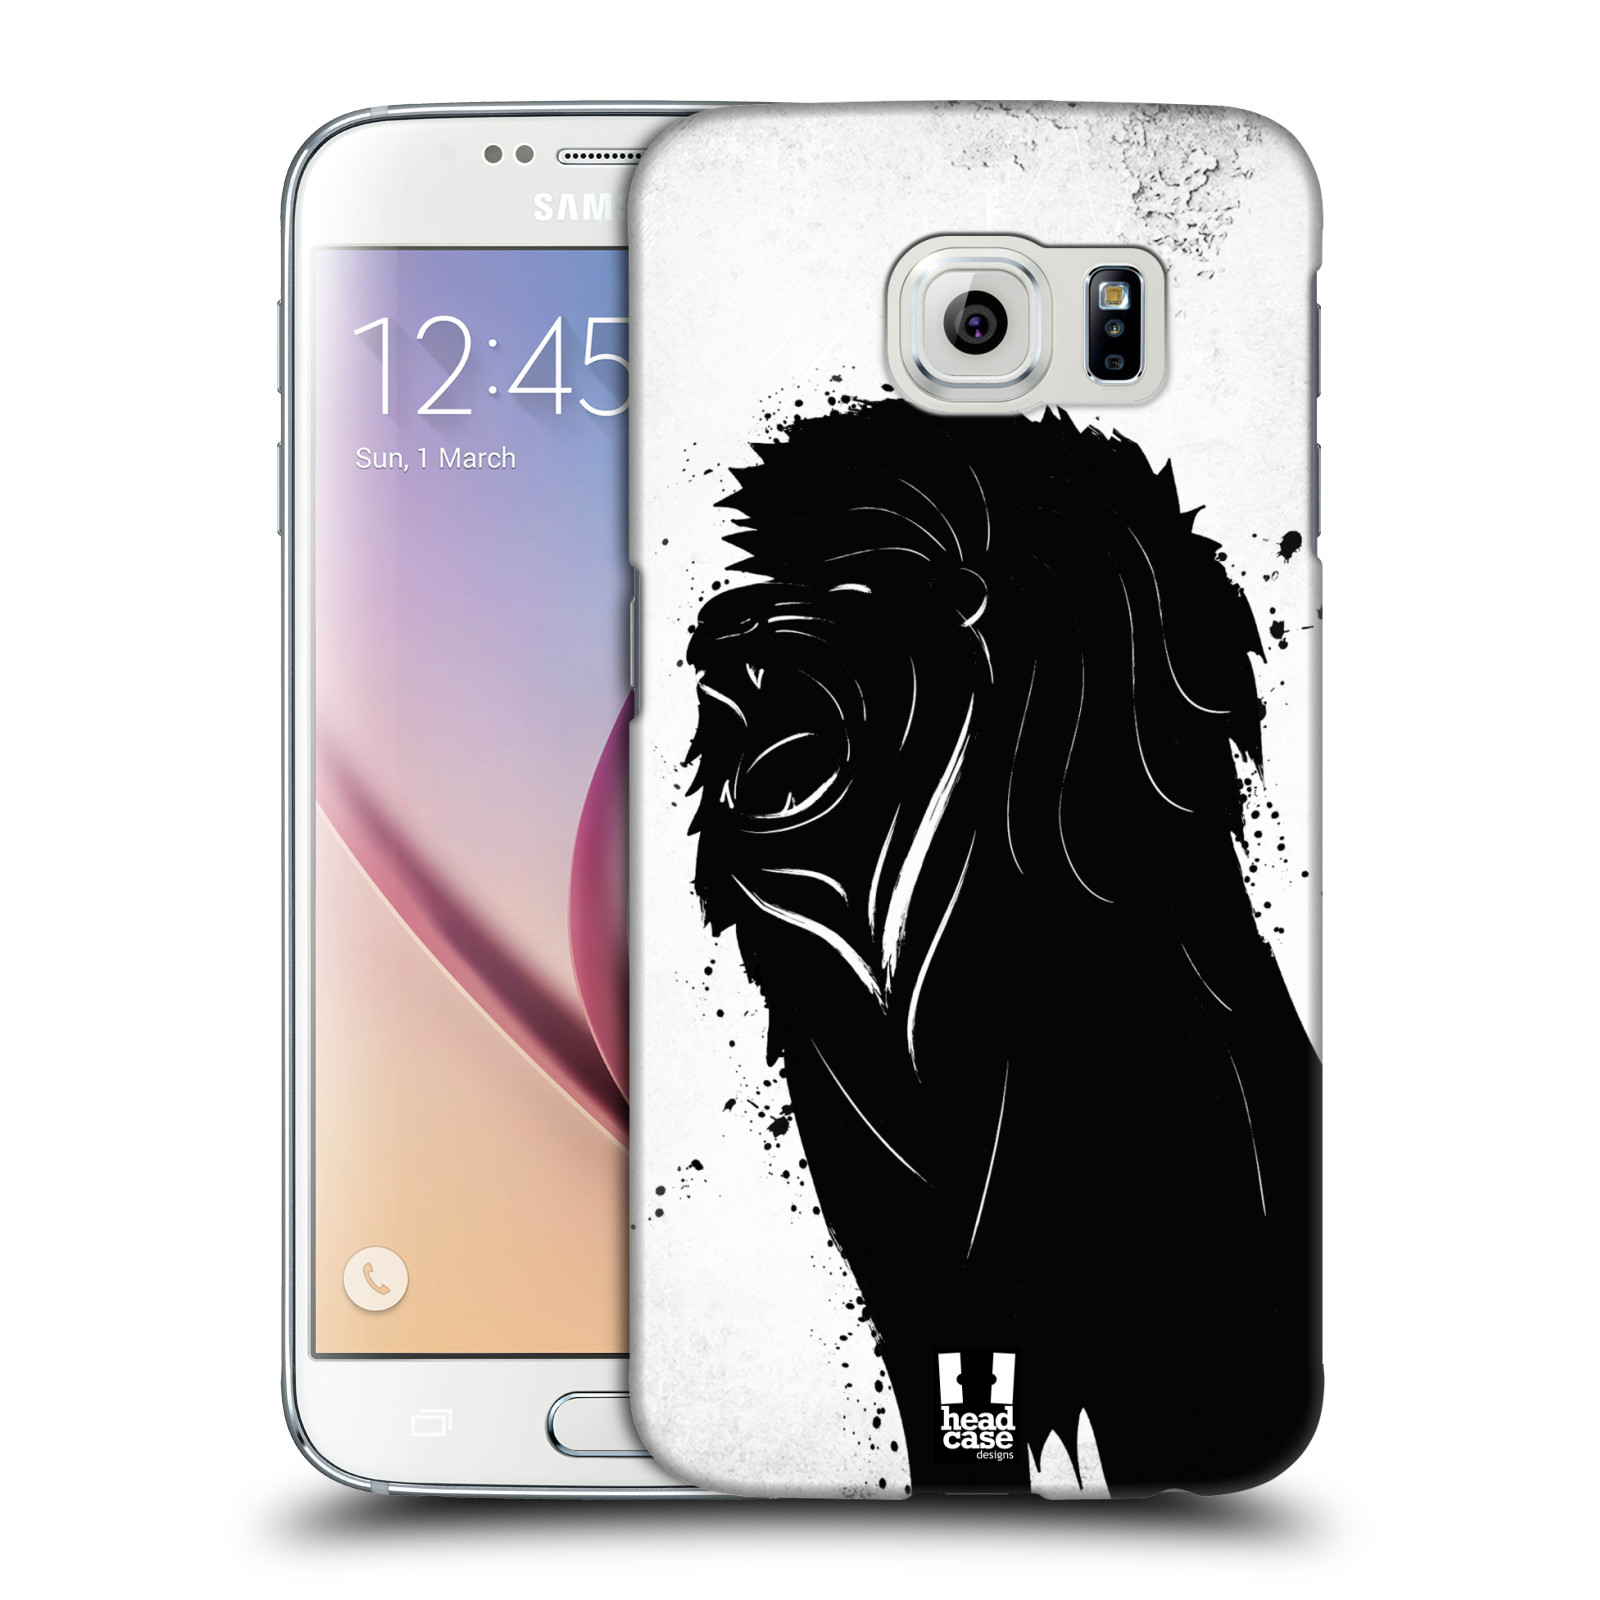 HEAD CASE plastový obal na mobil SAMSUNG Galaxy S6 (G9200, G920F) vzor Kresba tuš zvíře lev